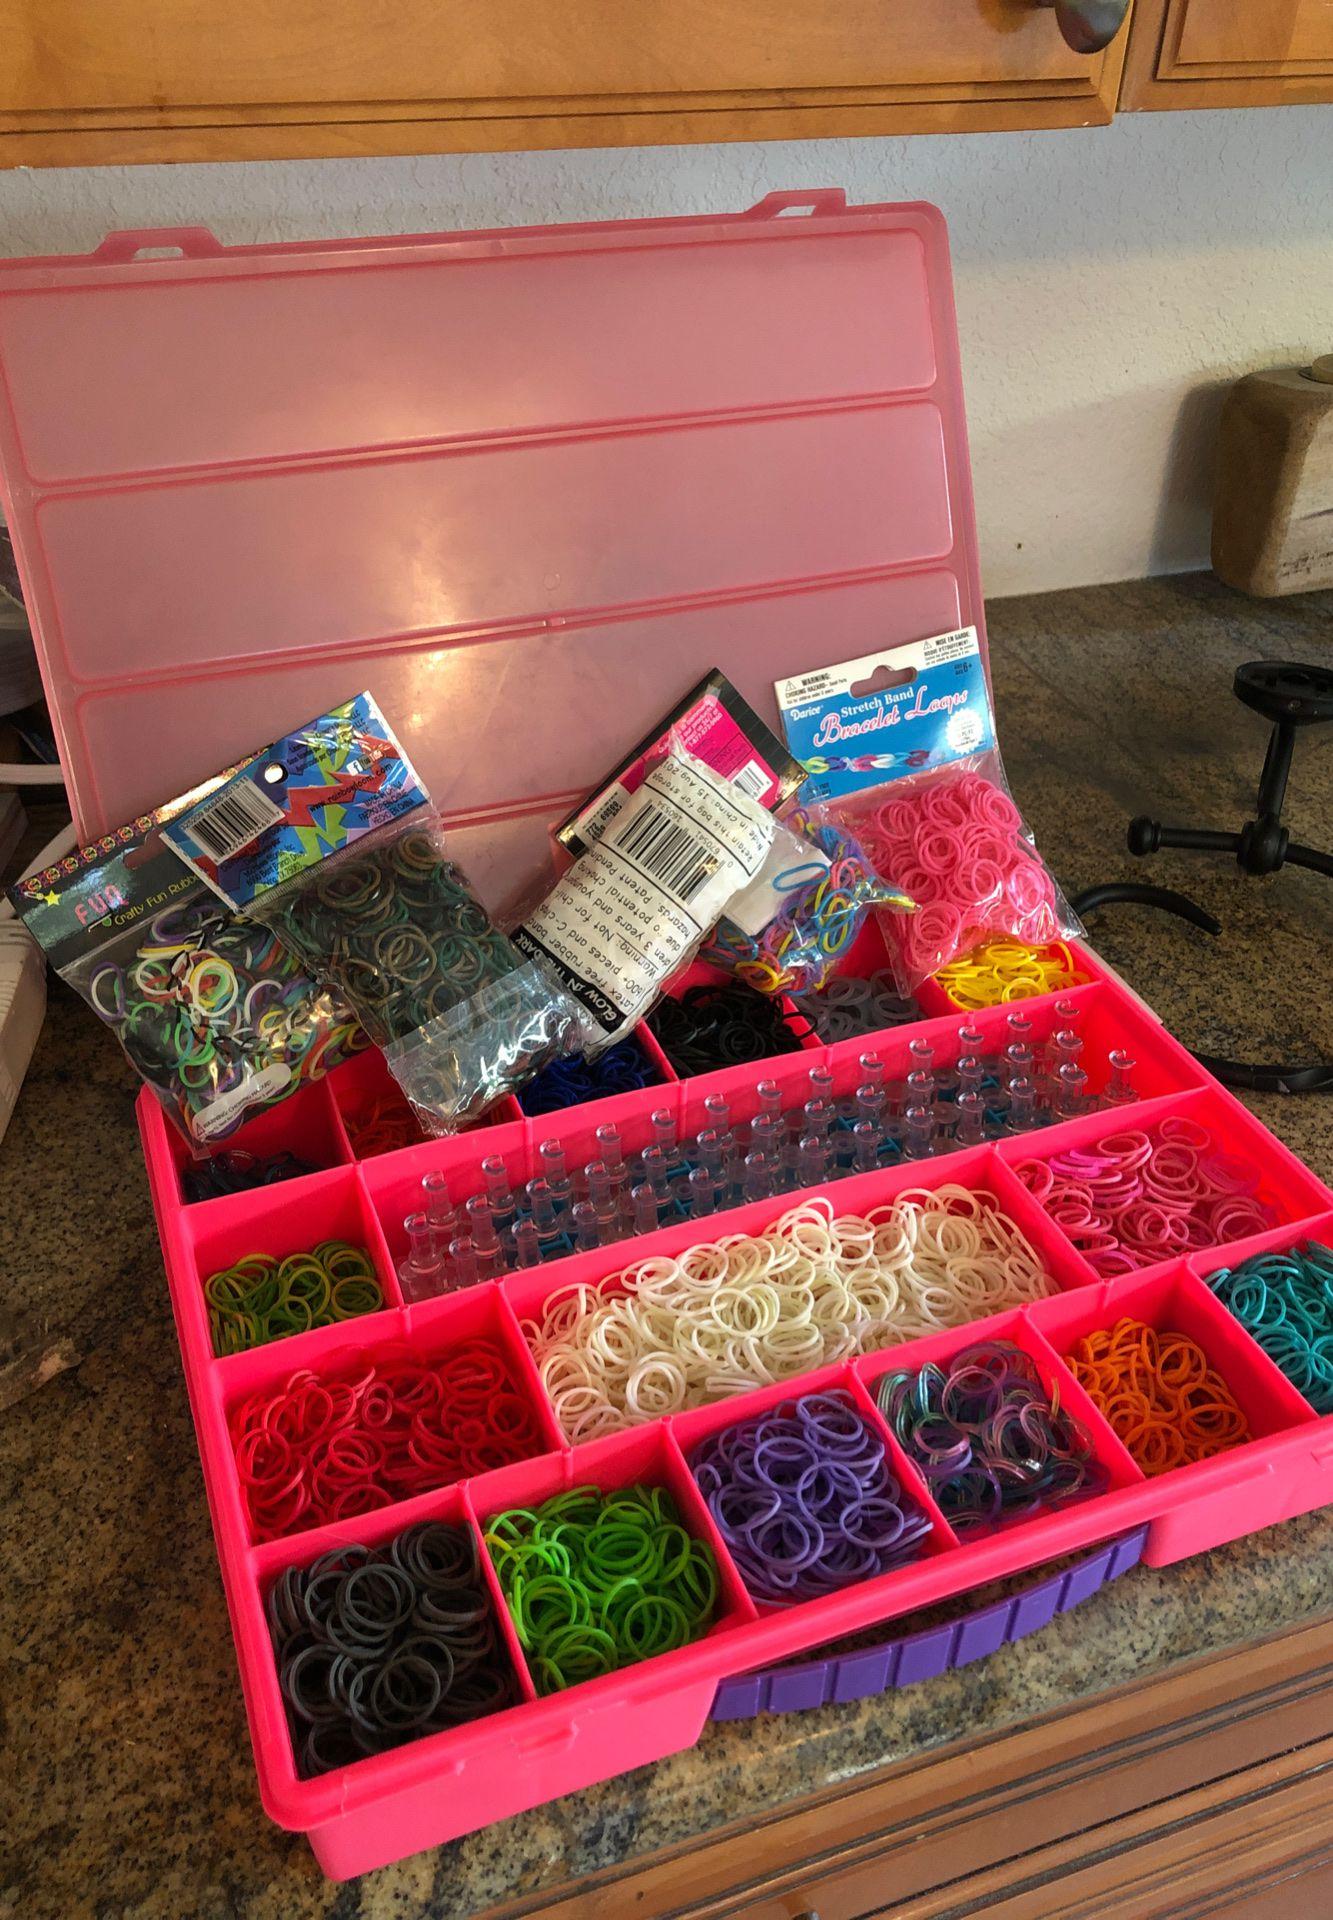 Rainbow Loom supplies